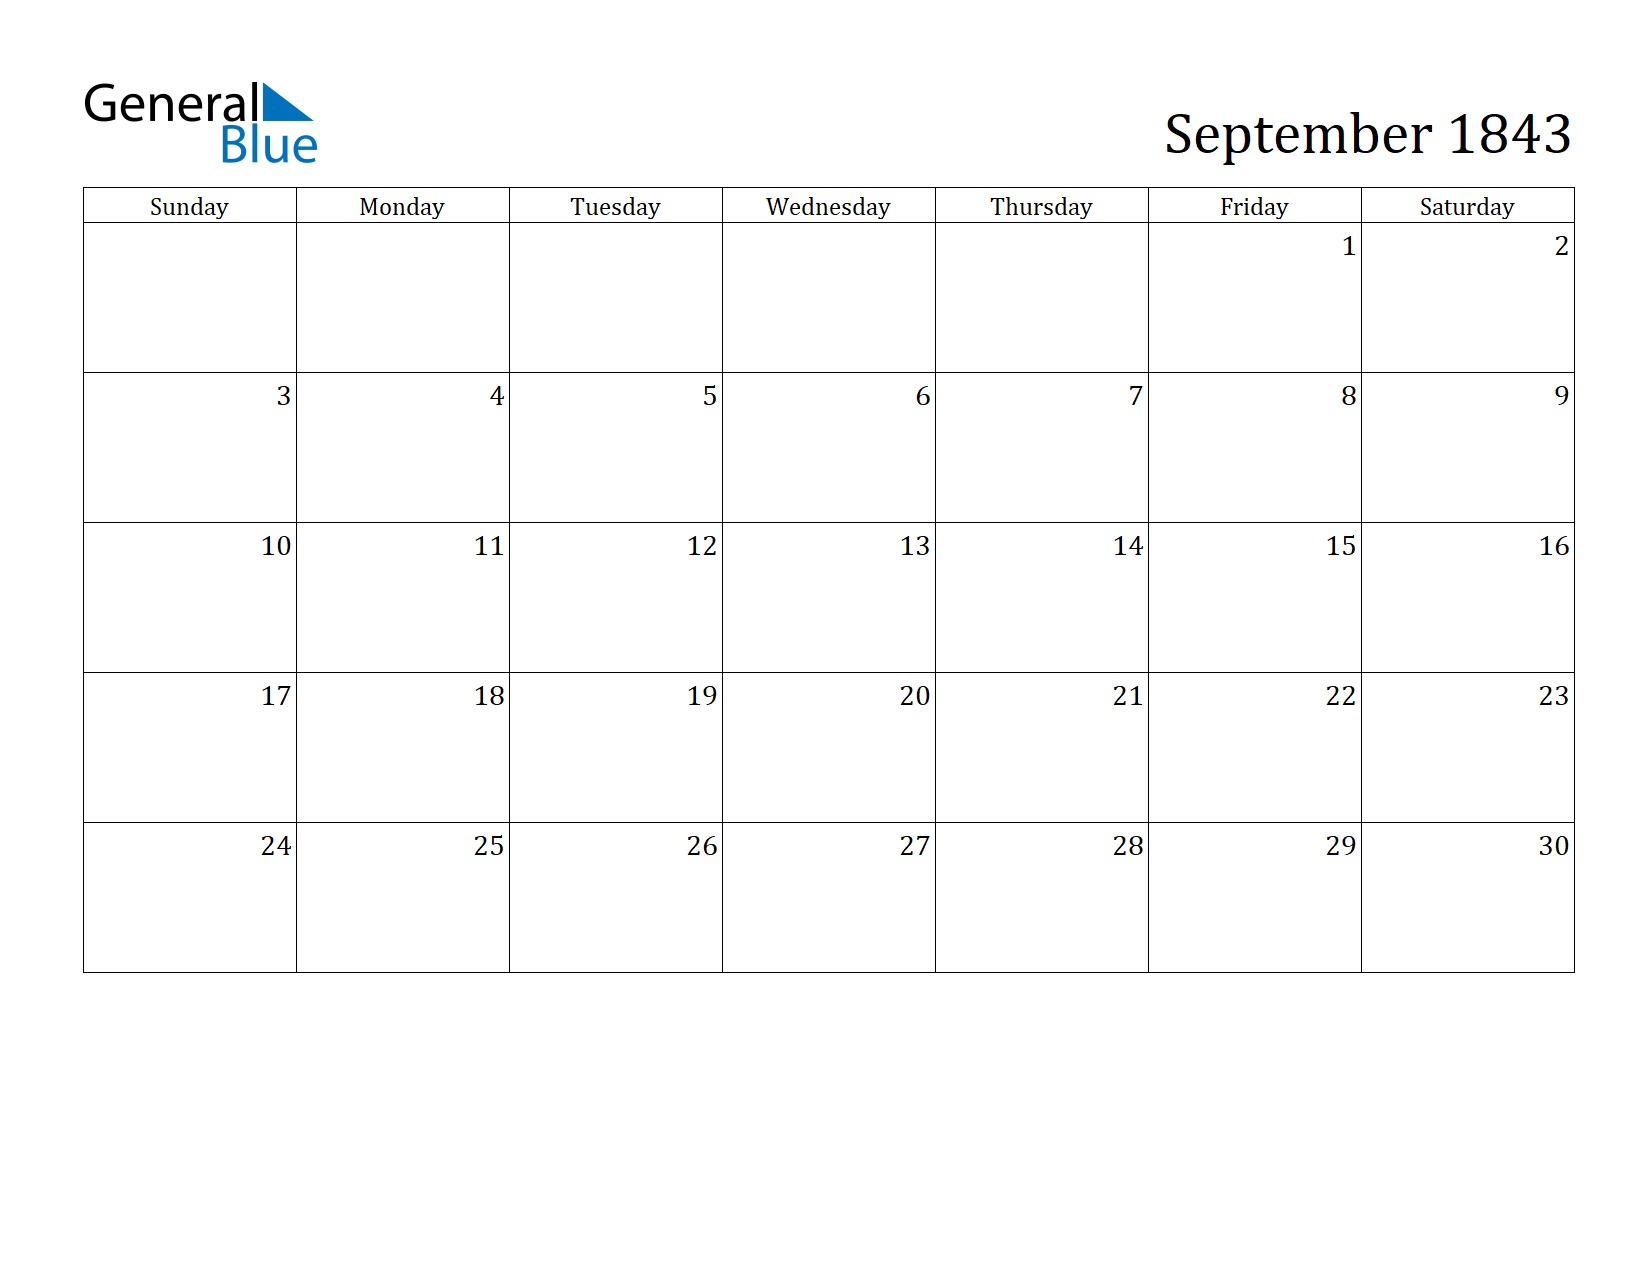 Image of September 1843 Calendar